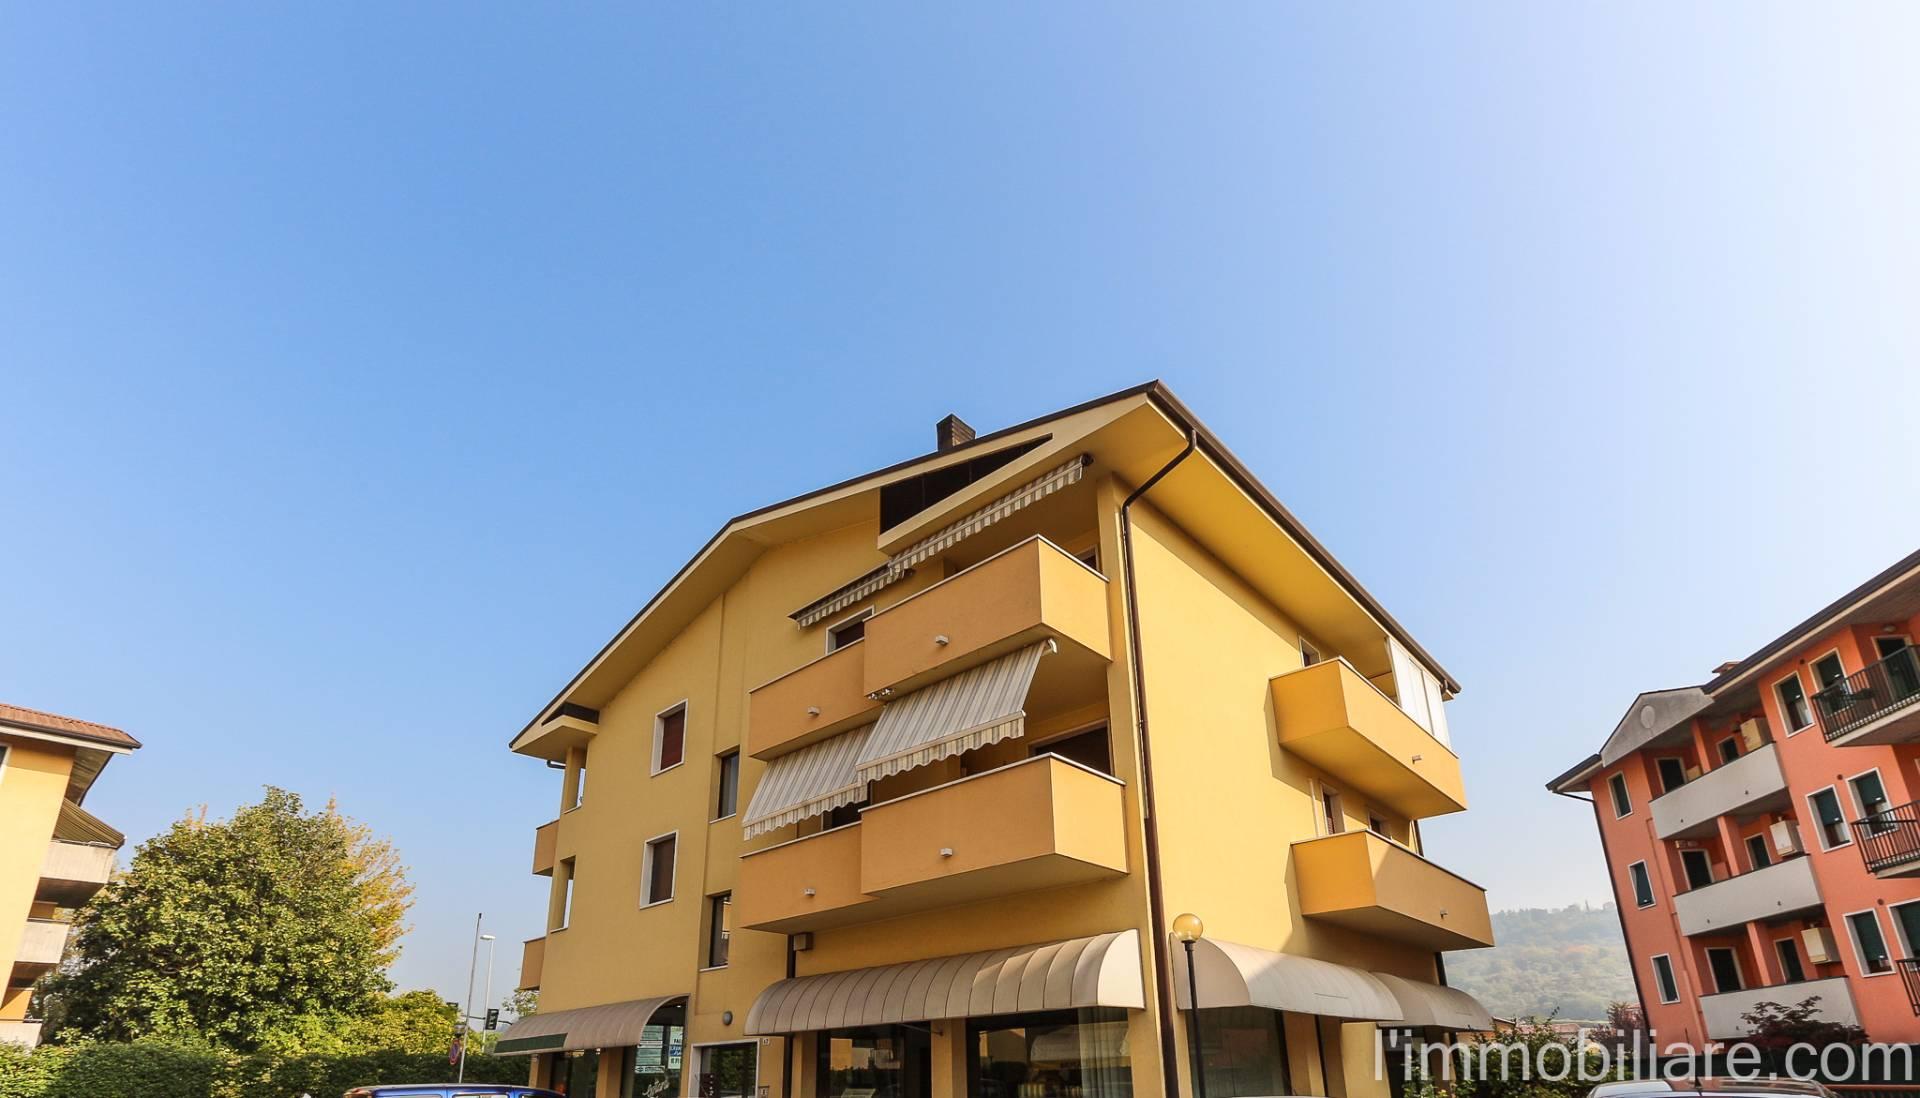 Appartamenti in affitto a verona in zona parona di for Appartamenti arredati in affitto a verona